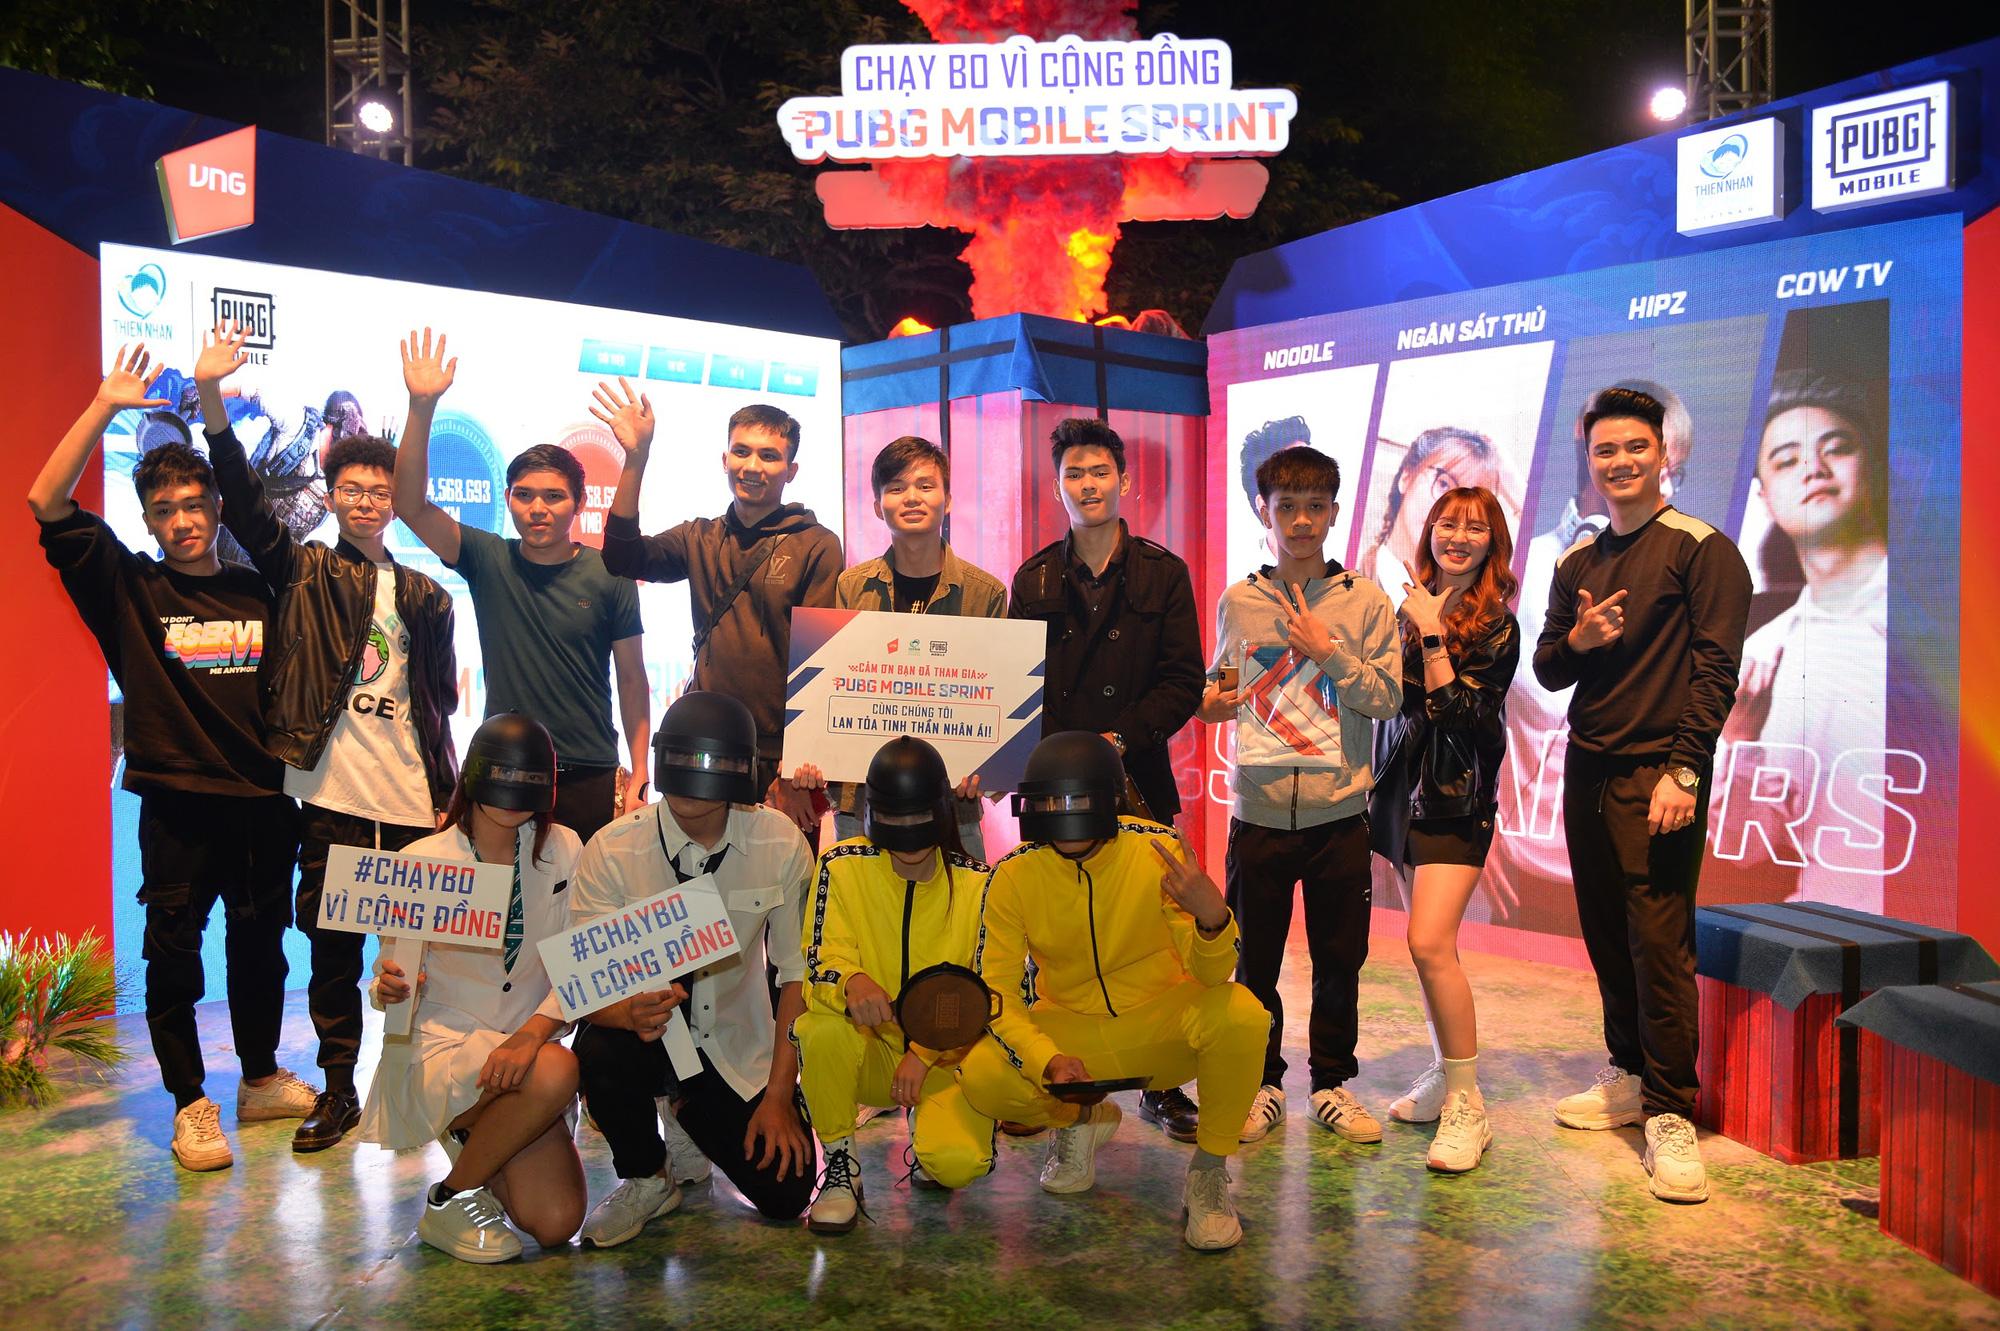 Box Gaming, Ngân Sát Thủ cùng dàn streamer hội tụ tại sự kiện gây quỹ từ thiện PUBG MOBILE SPRINT - Chạy bo vì cộng đồng - Ảnh 13.